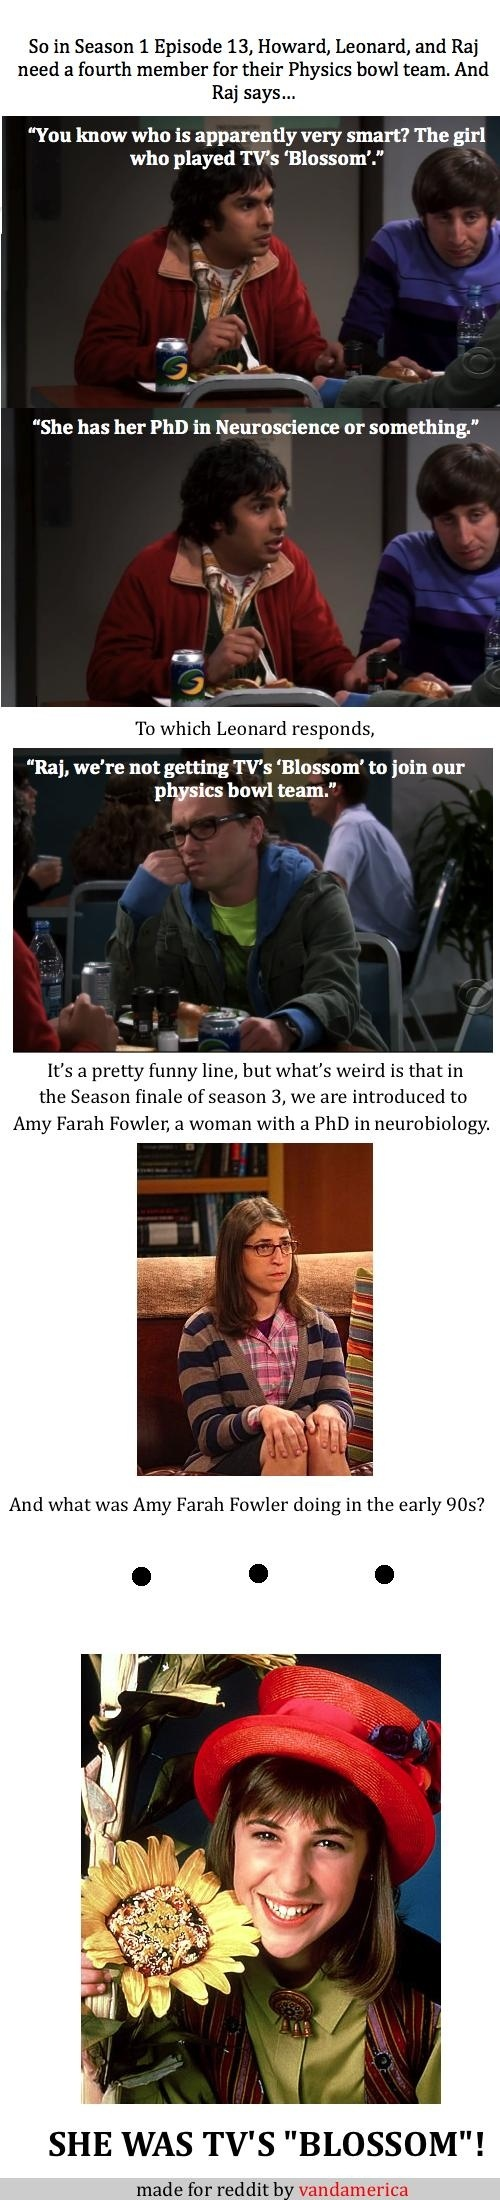 Funny big bang theory pictures 27 pics - Big Bang Theory Style